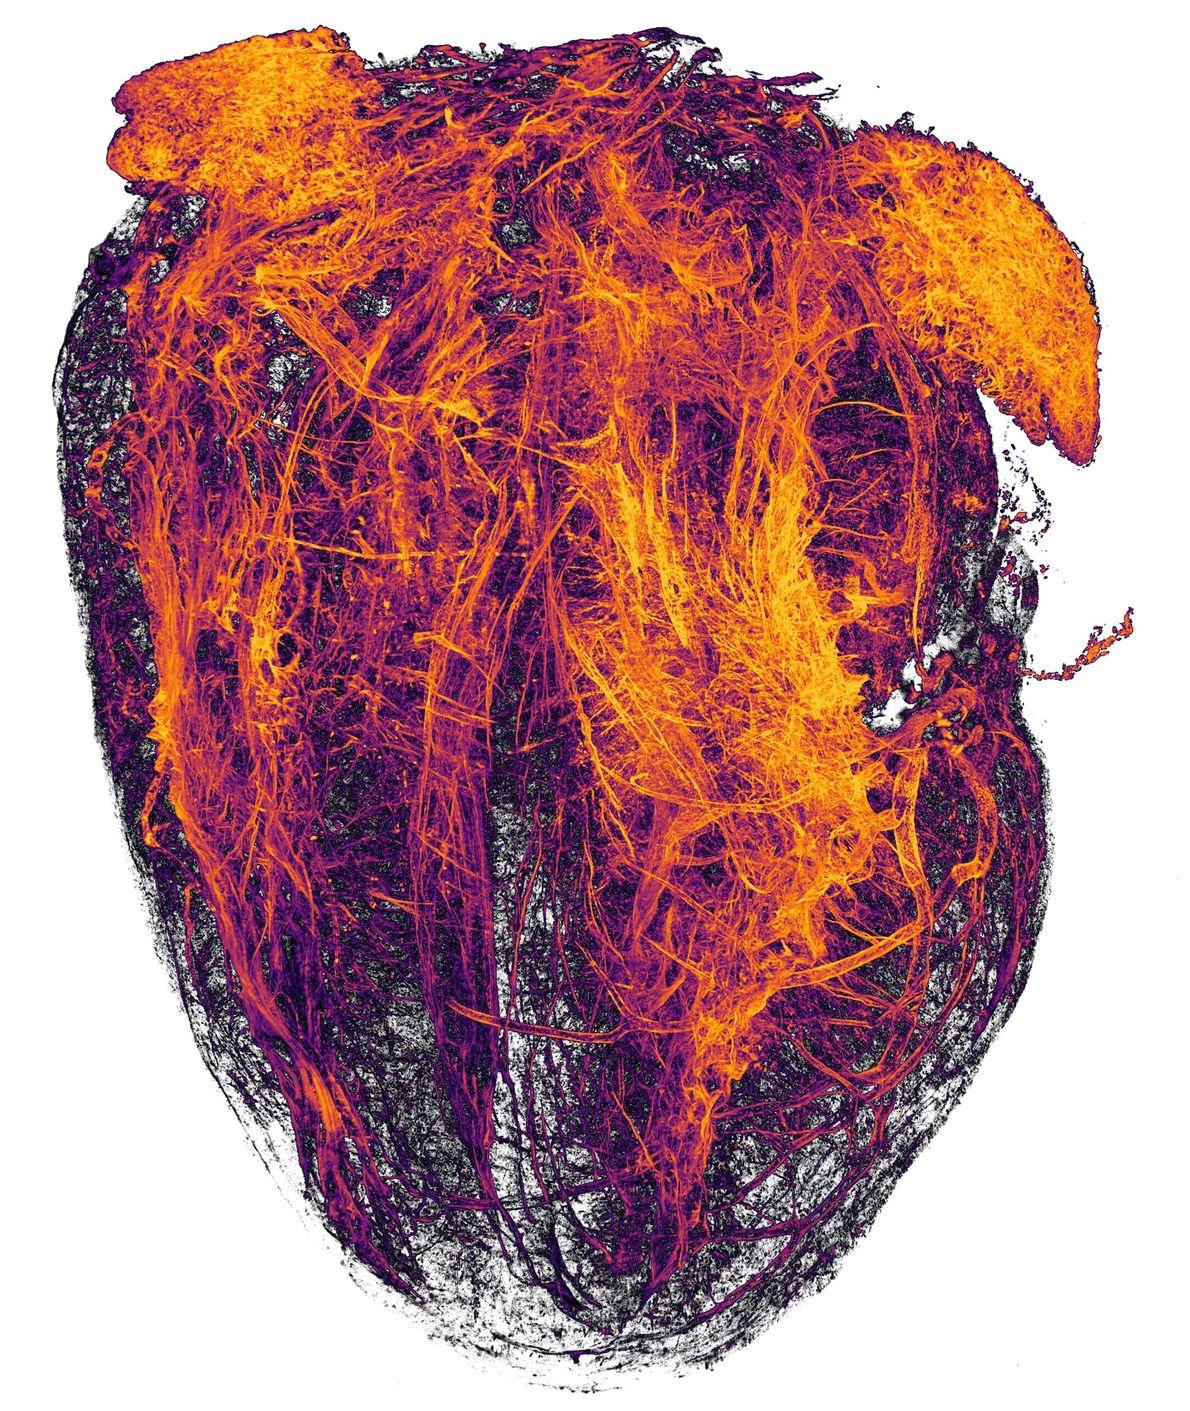 Estes filamentos alaranjados, fotografados por pesquisadores do Hospital Universitário de Essen, são vasos sanguíneos do coração ...